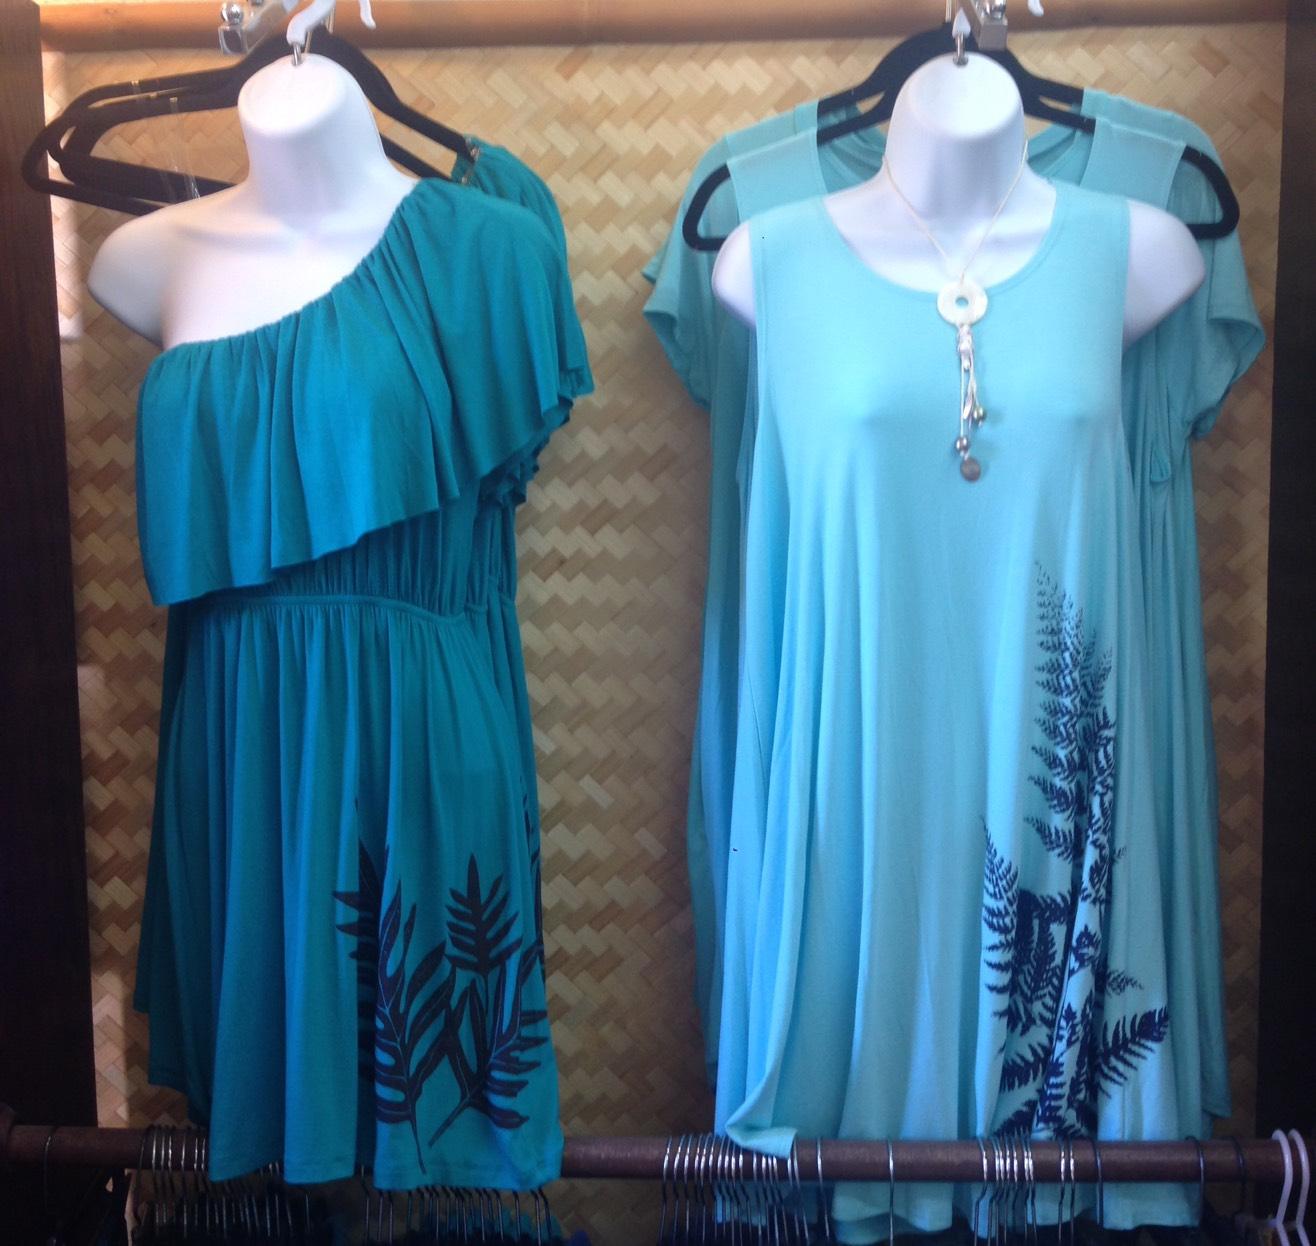 カウアイ島には素敵なフラ衣装をオーダー出来るお店があるのよ